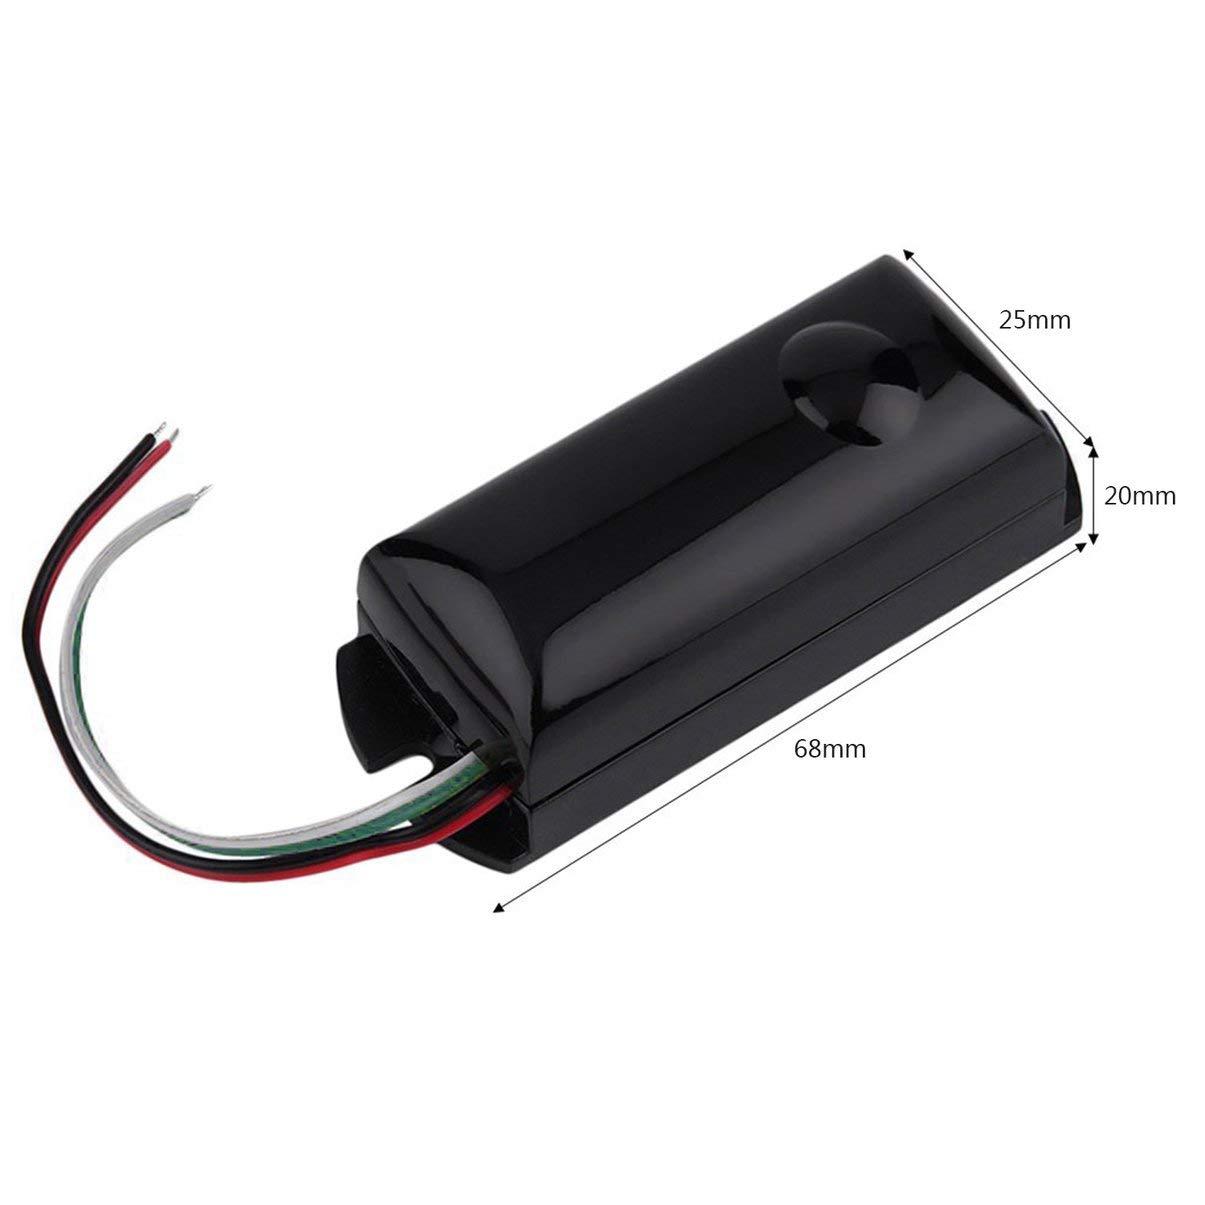 1 Unids Cableado Solo Haz Infrarrojo IR Barrera Detector Sensor de Movimiento Al Aire Libre para la Seguridad Casera Accesorios para Herramientas: ...